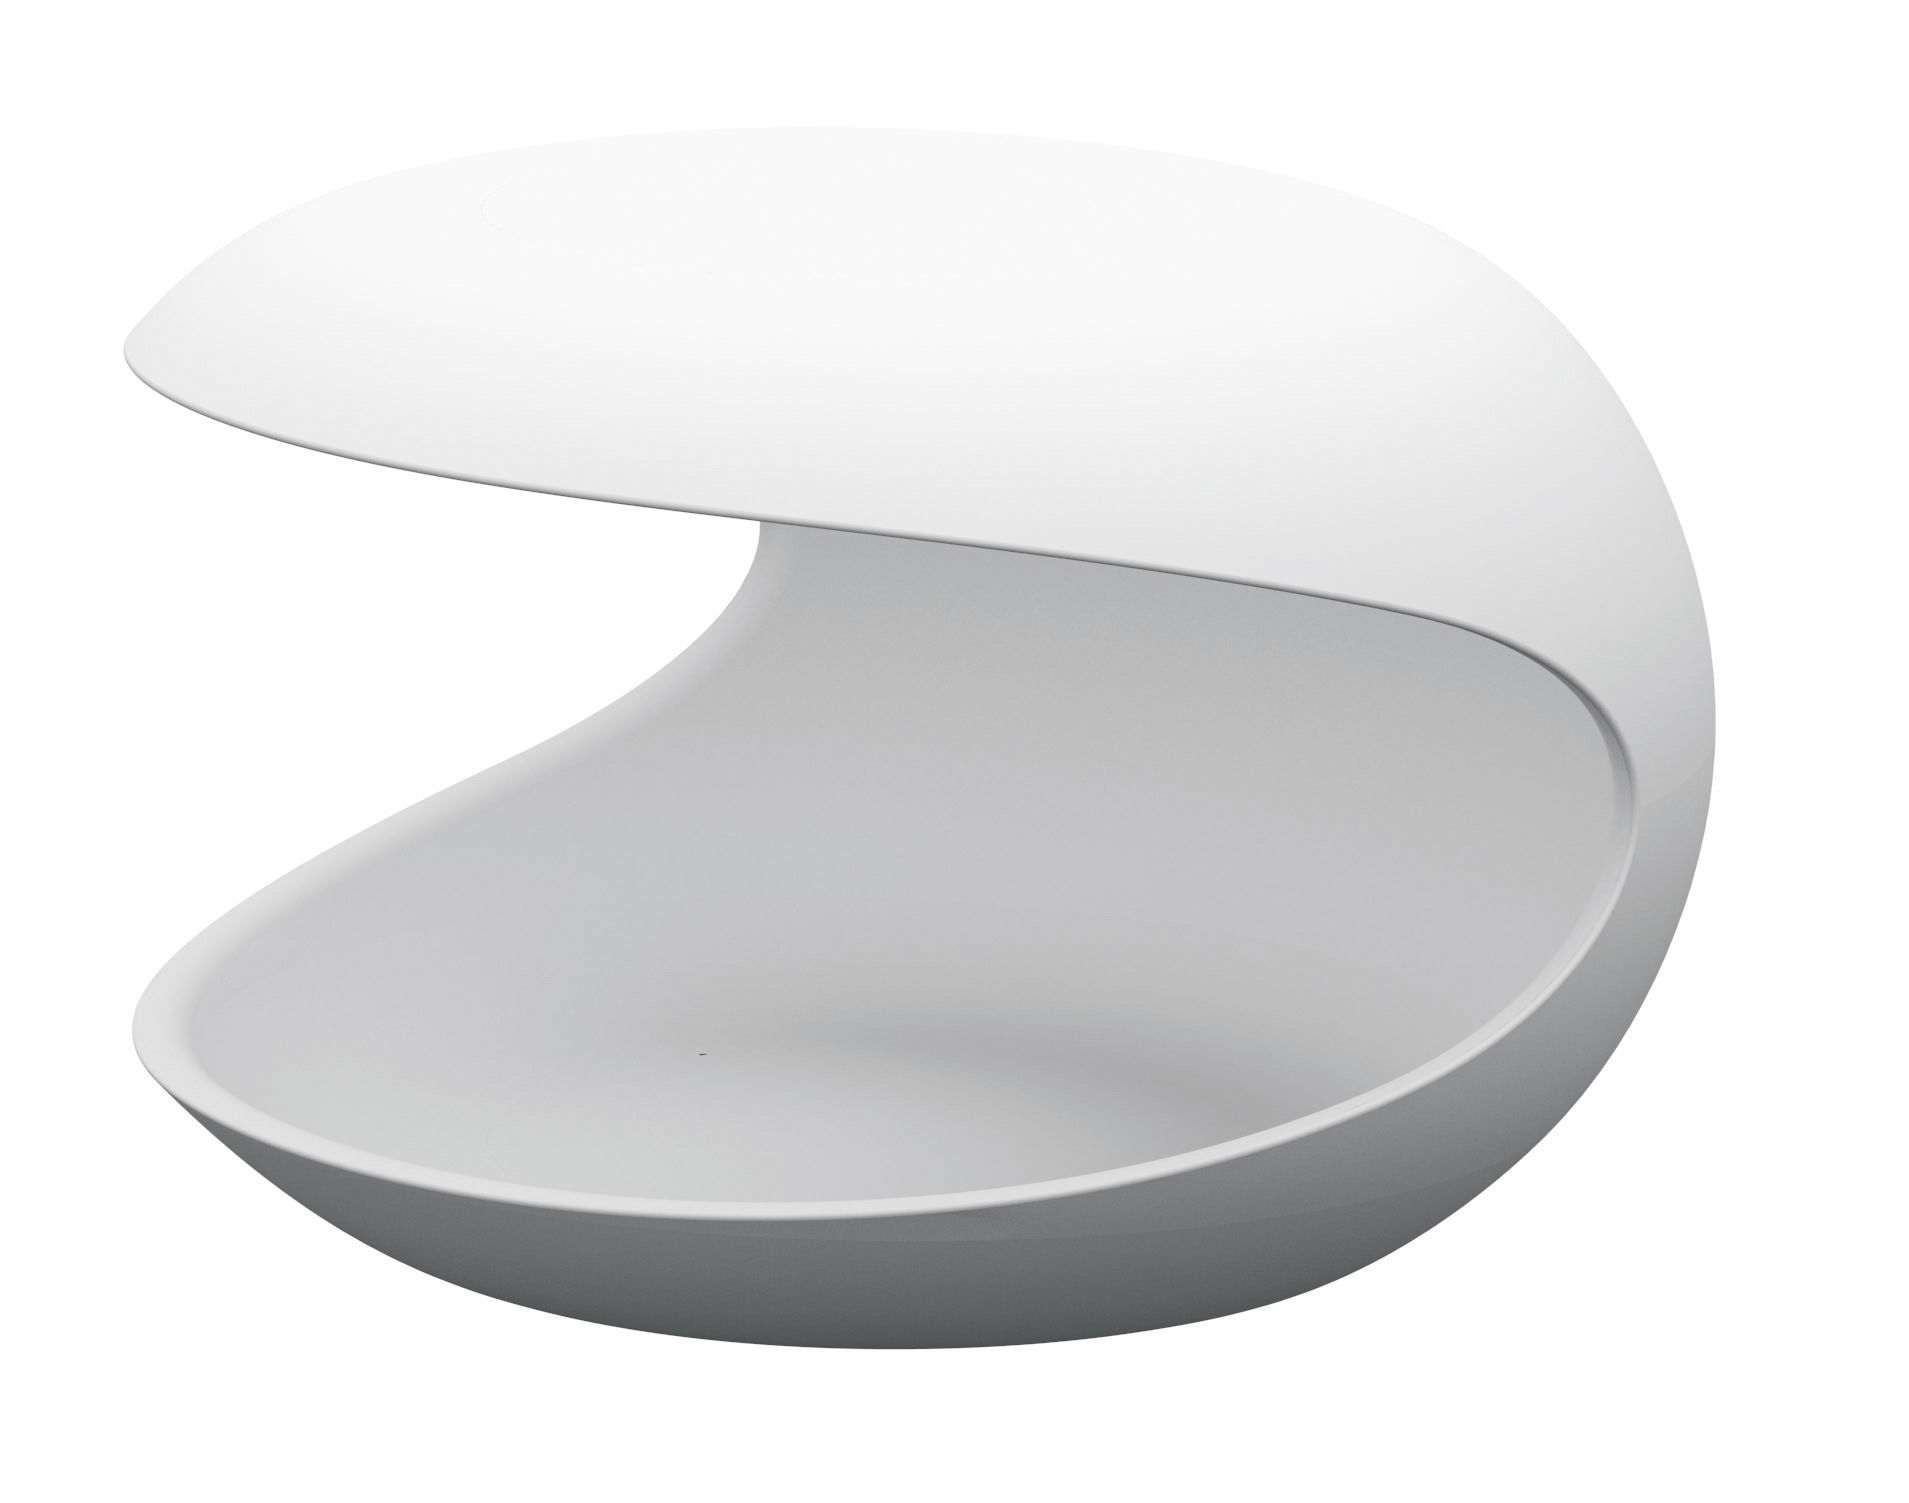 Möbel - Couchtische - White shell Beistelltisch - Zanotta - Weiß - Cristalplant